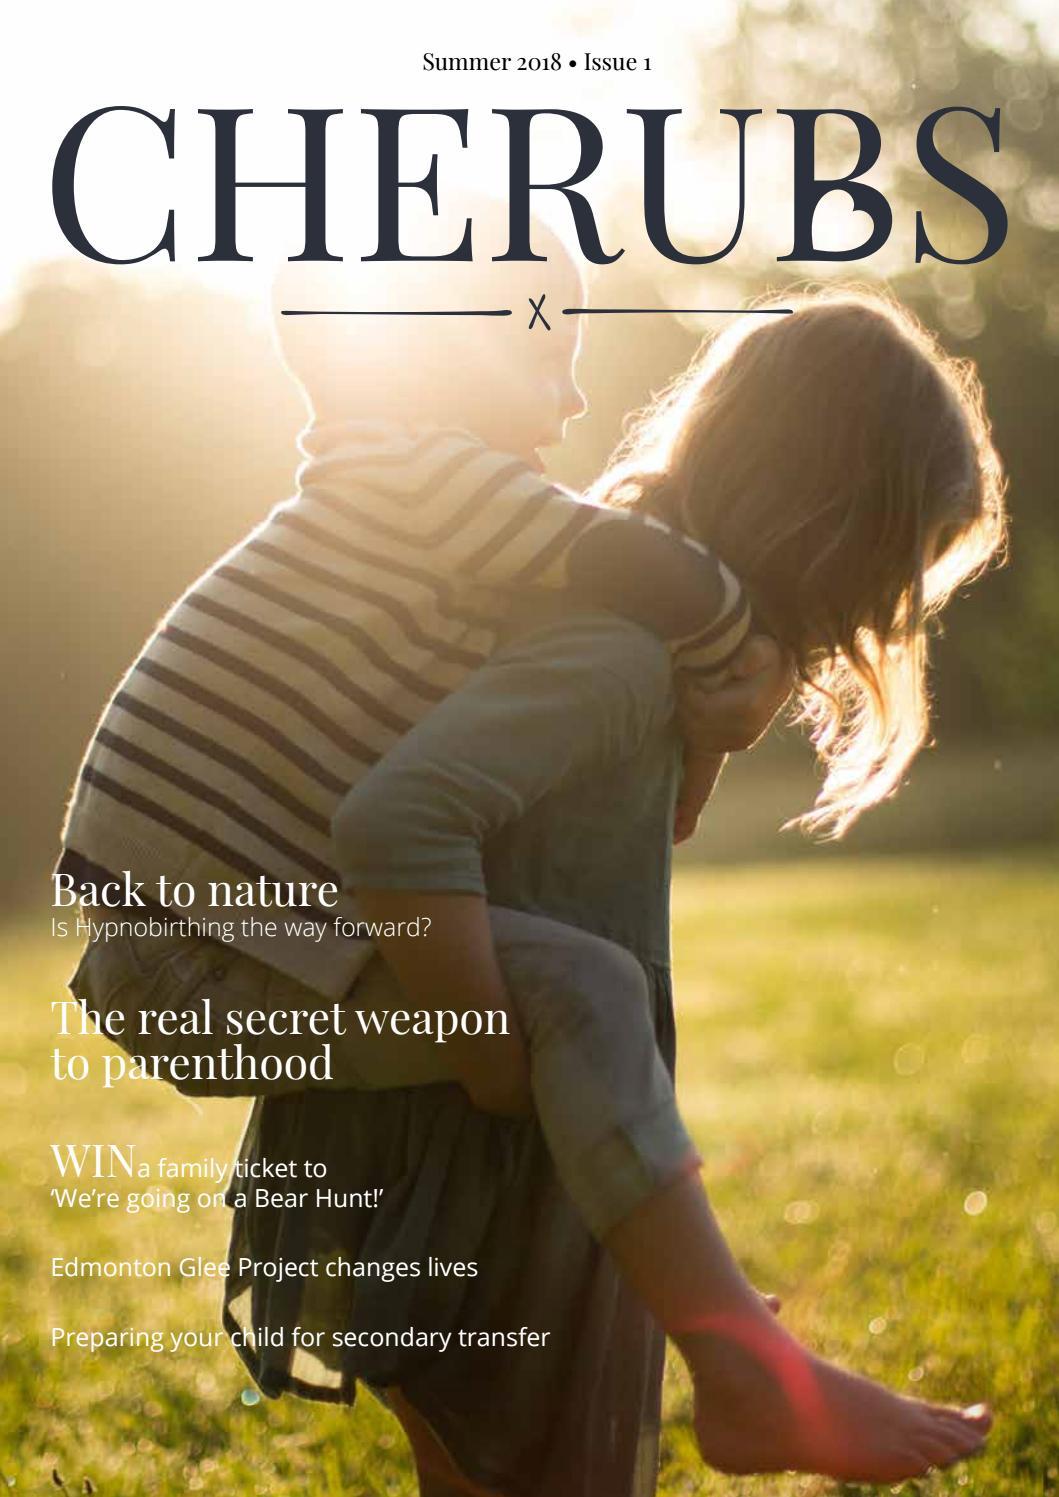 Cherubs Magazine Summer Edition 2018 By Cherubsmagazine